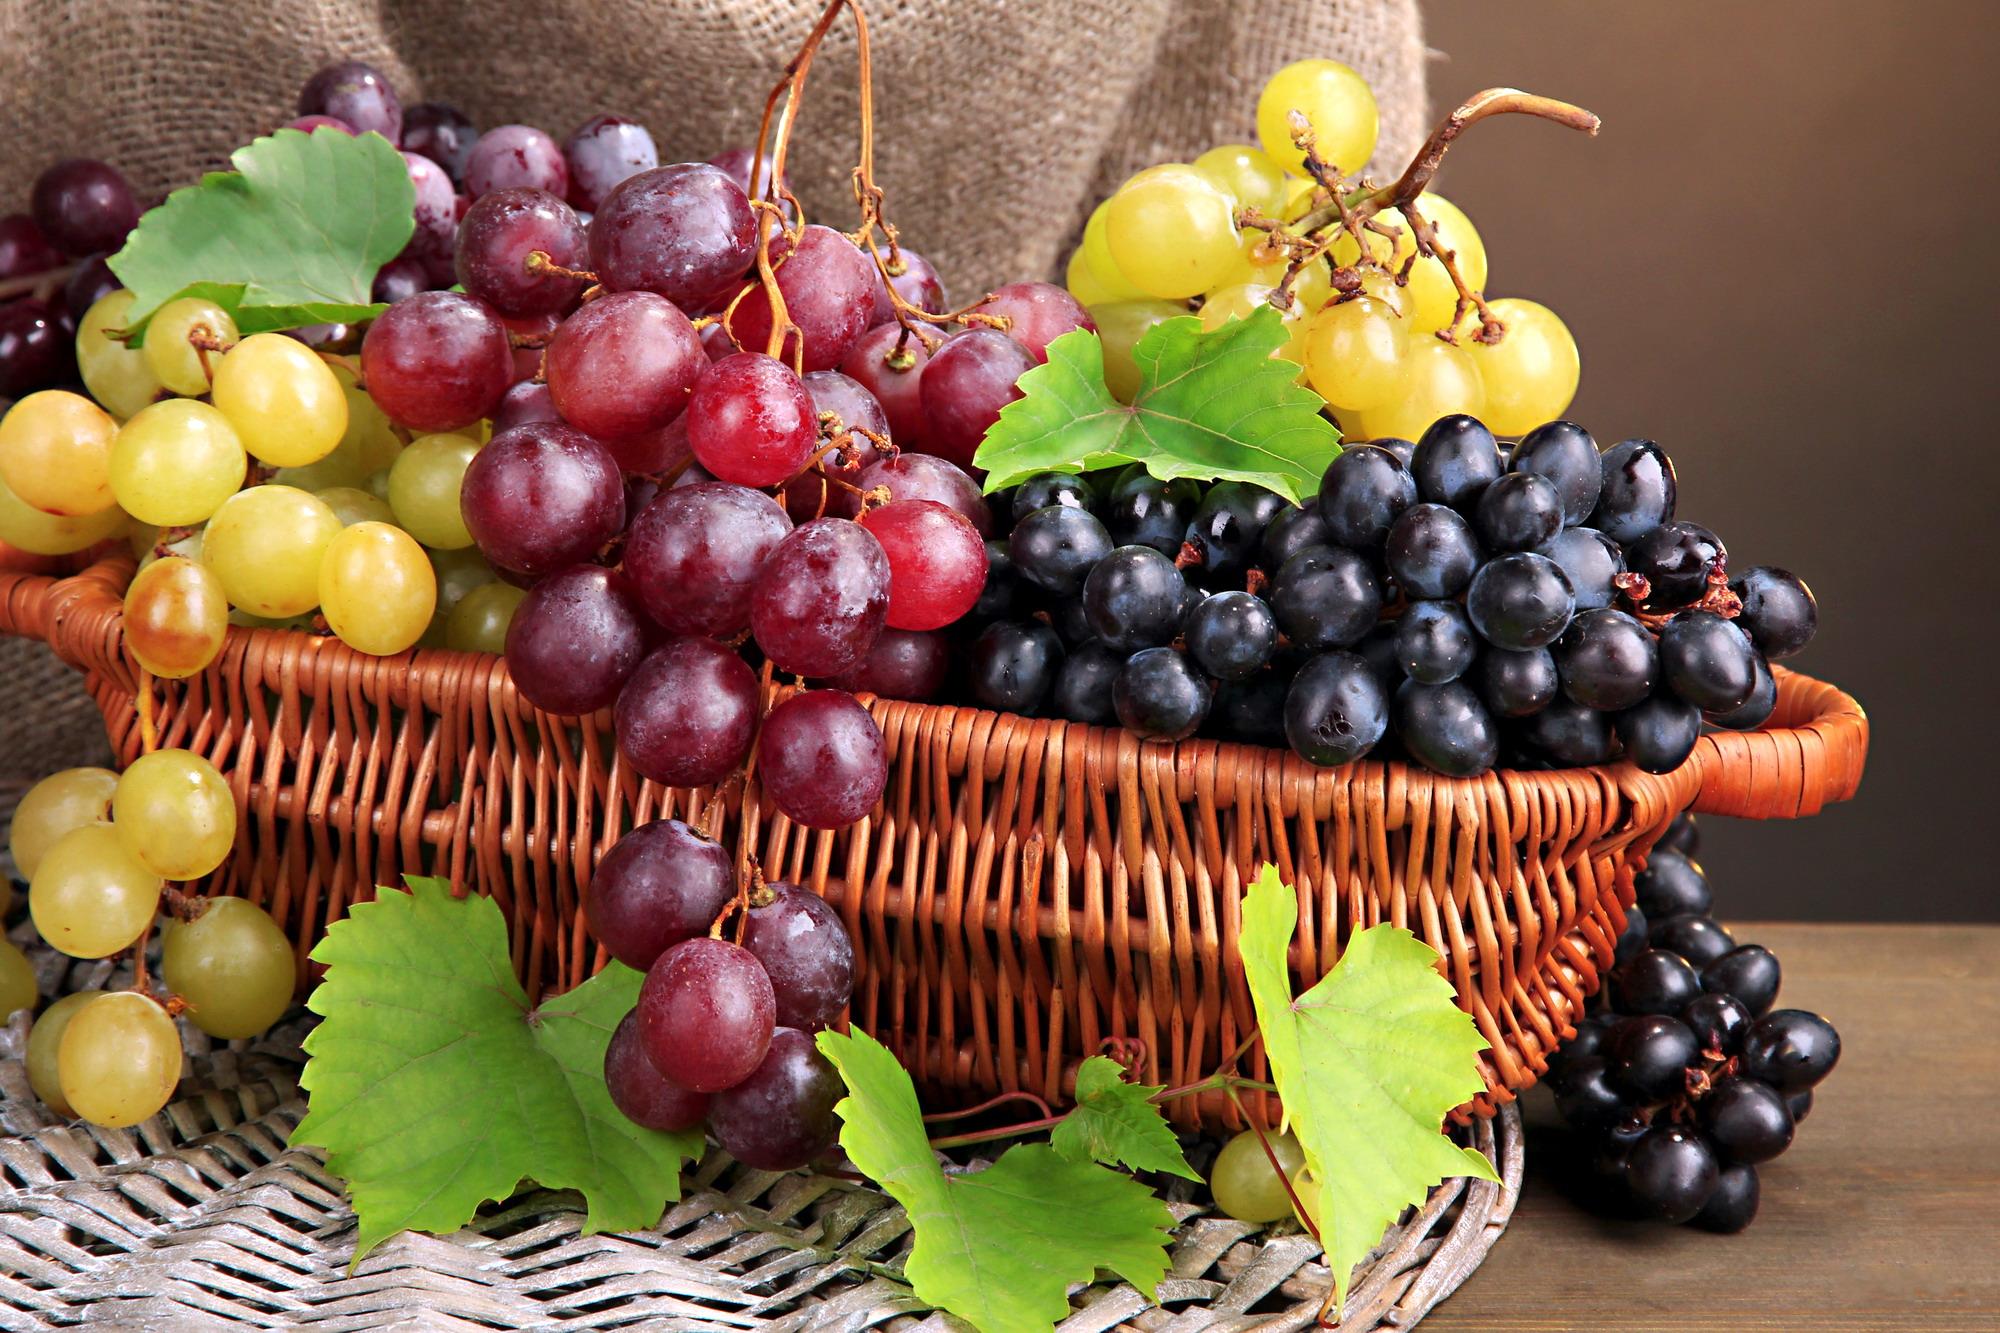 Il diabetico pu mangiare l uva medicina online for Frutta online